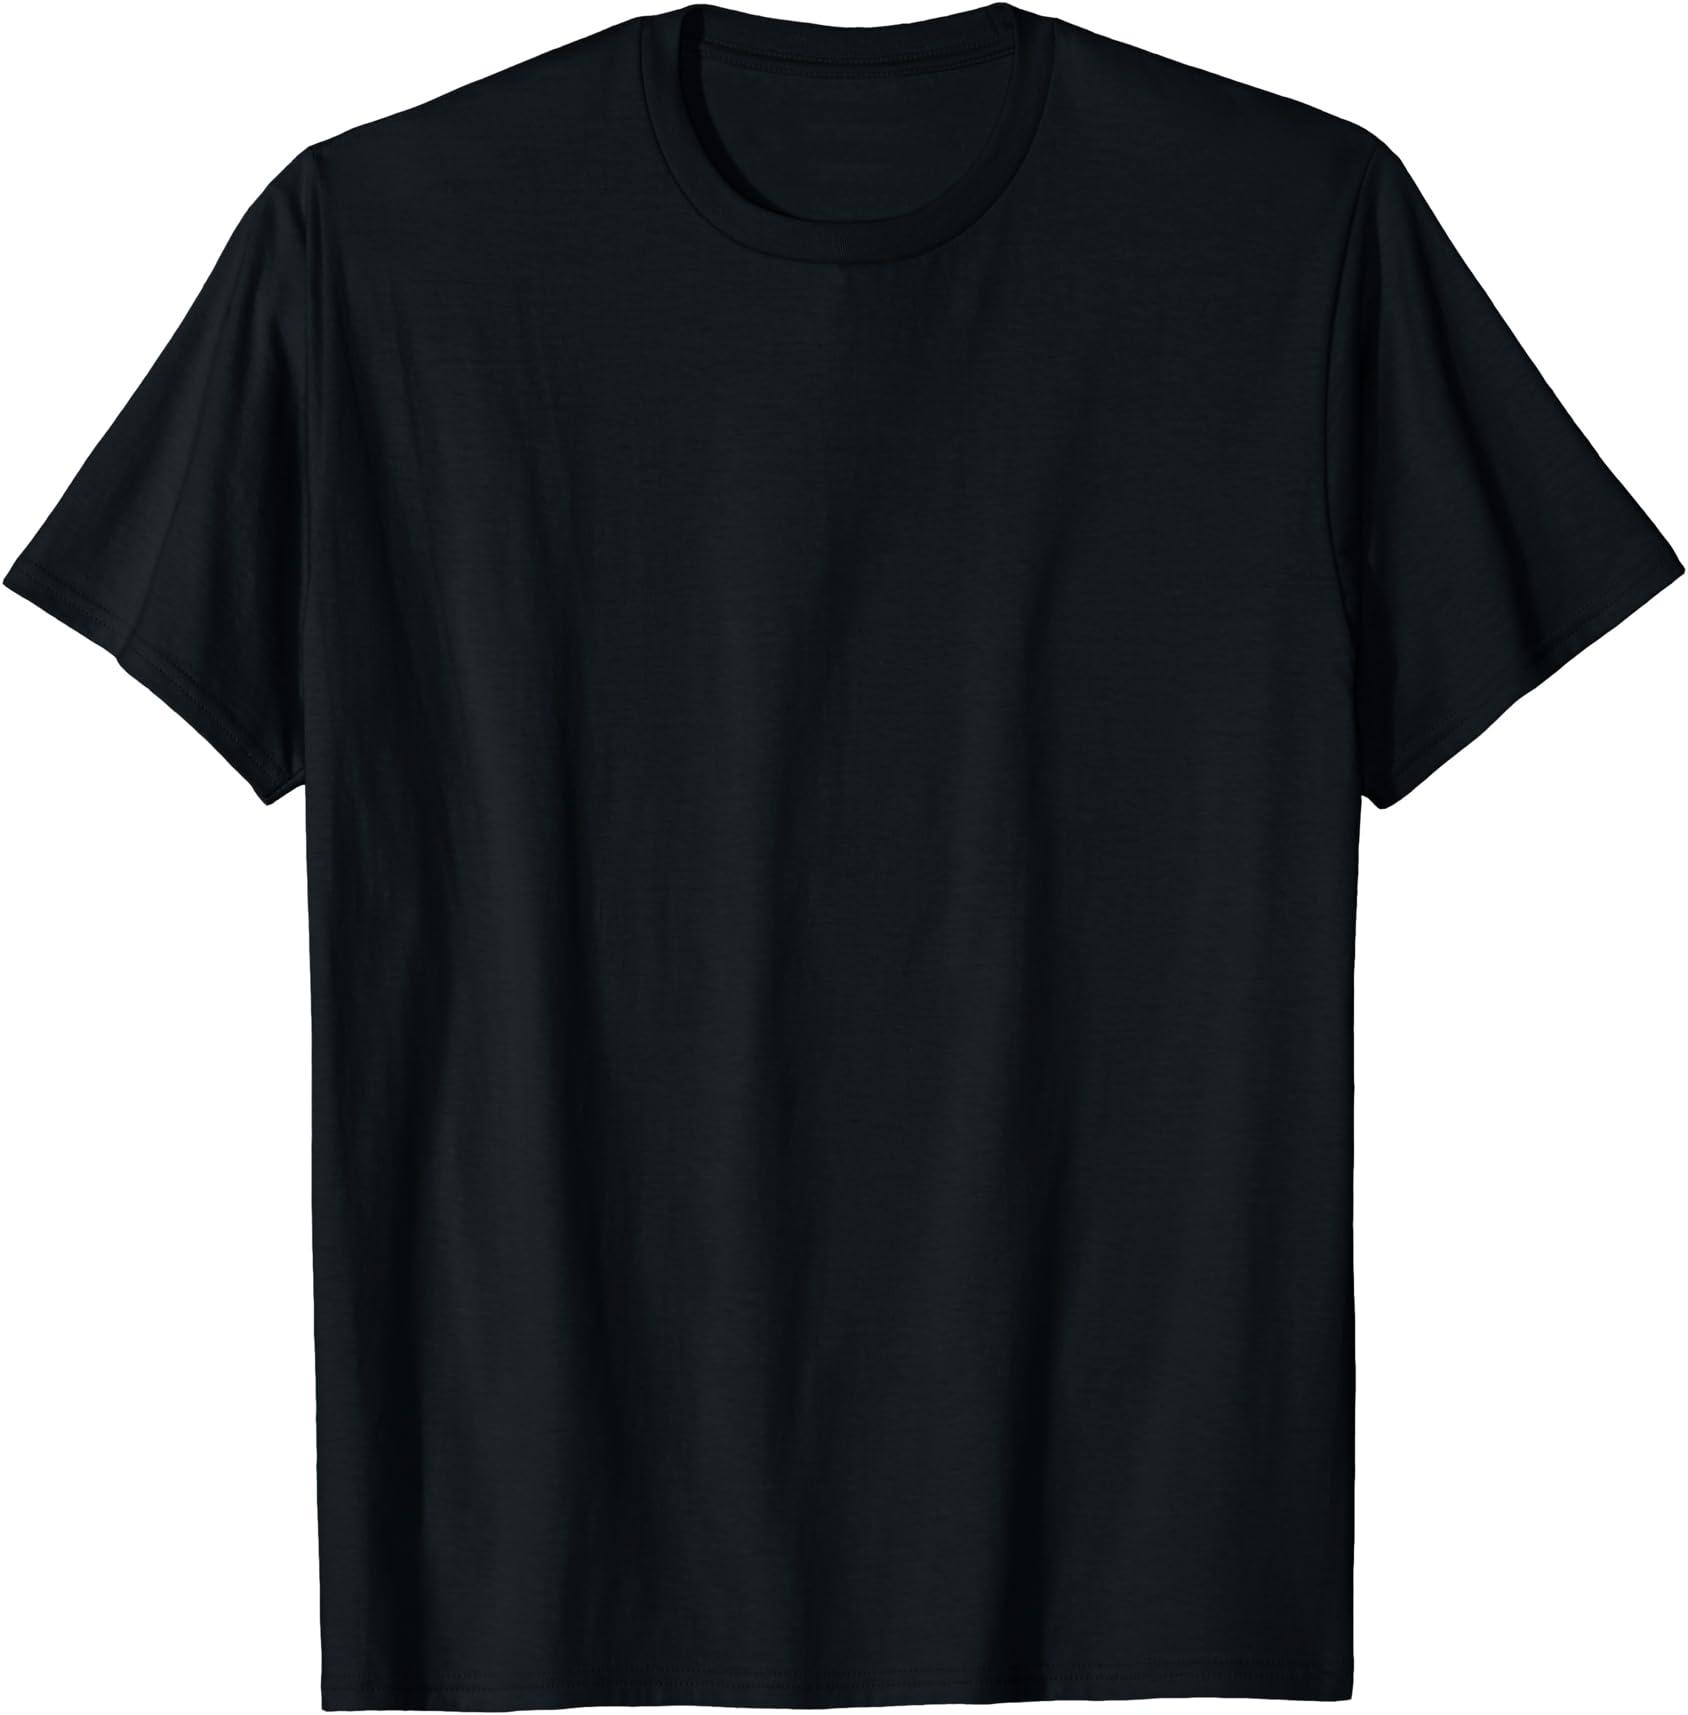 Unicorn Dab Shirt Short-Sleeve Unisex T-Shirt Dabbing Unicorn Shirt Girls Boys Adults